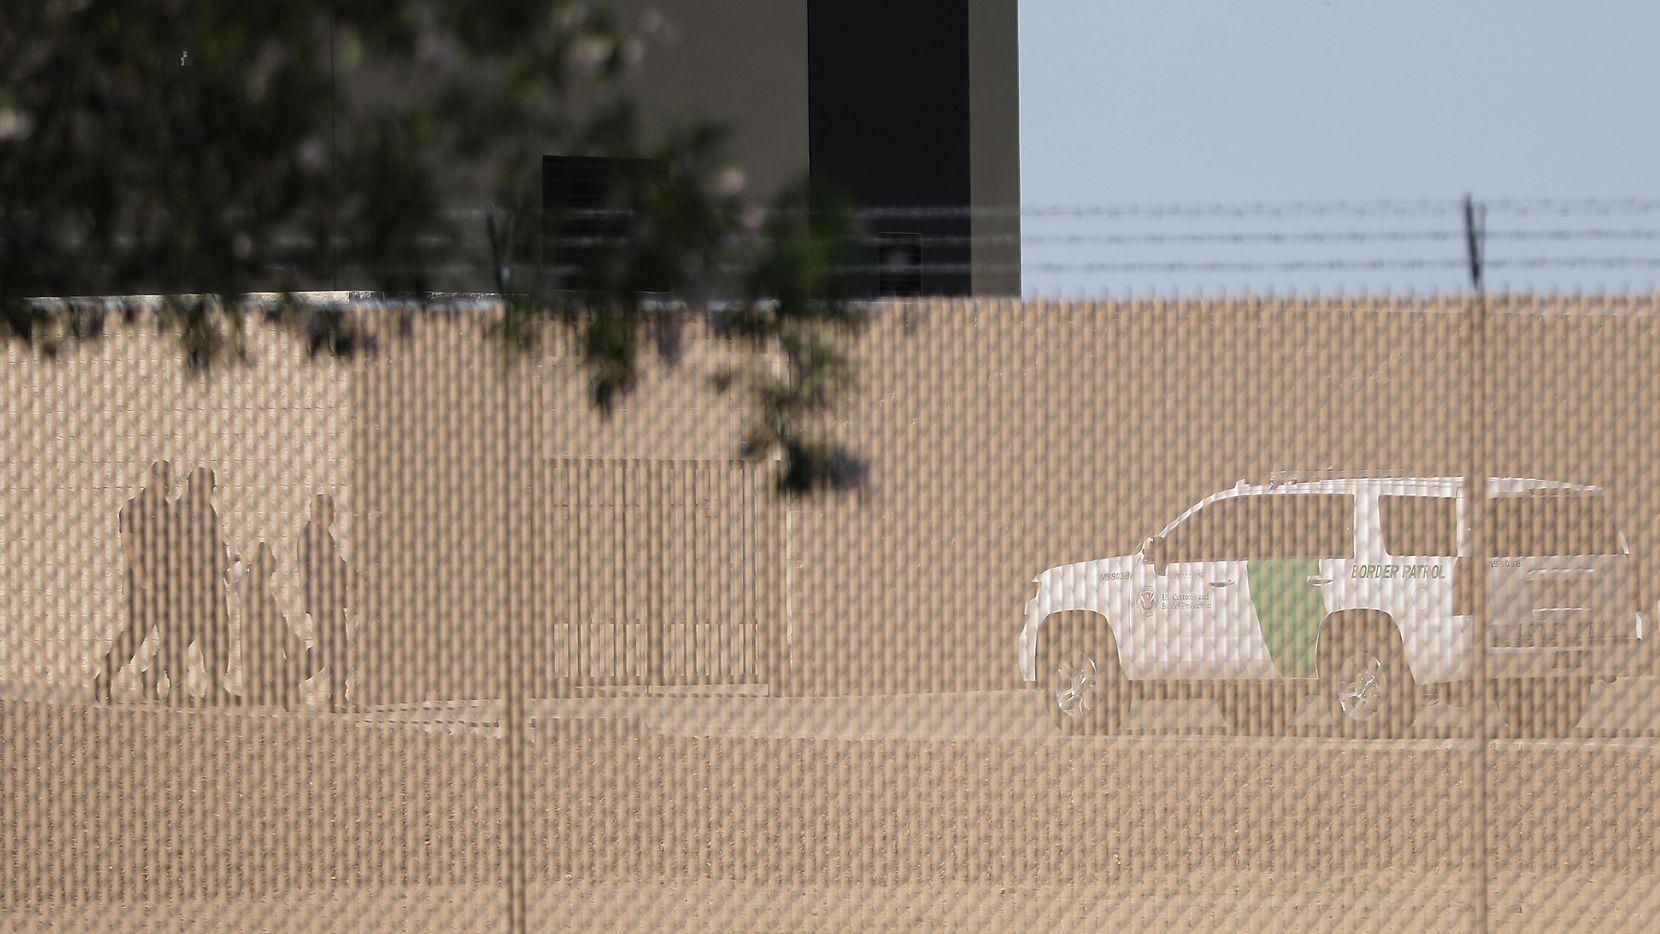 El centro de detención de Clint, Texas, donde se encuentran varios cientos de migrantes.(GETTY IMAGES)